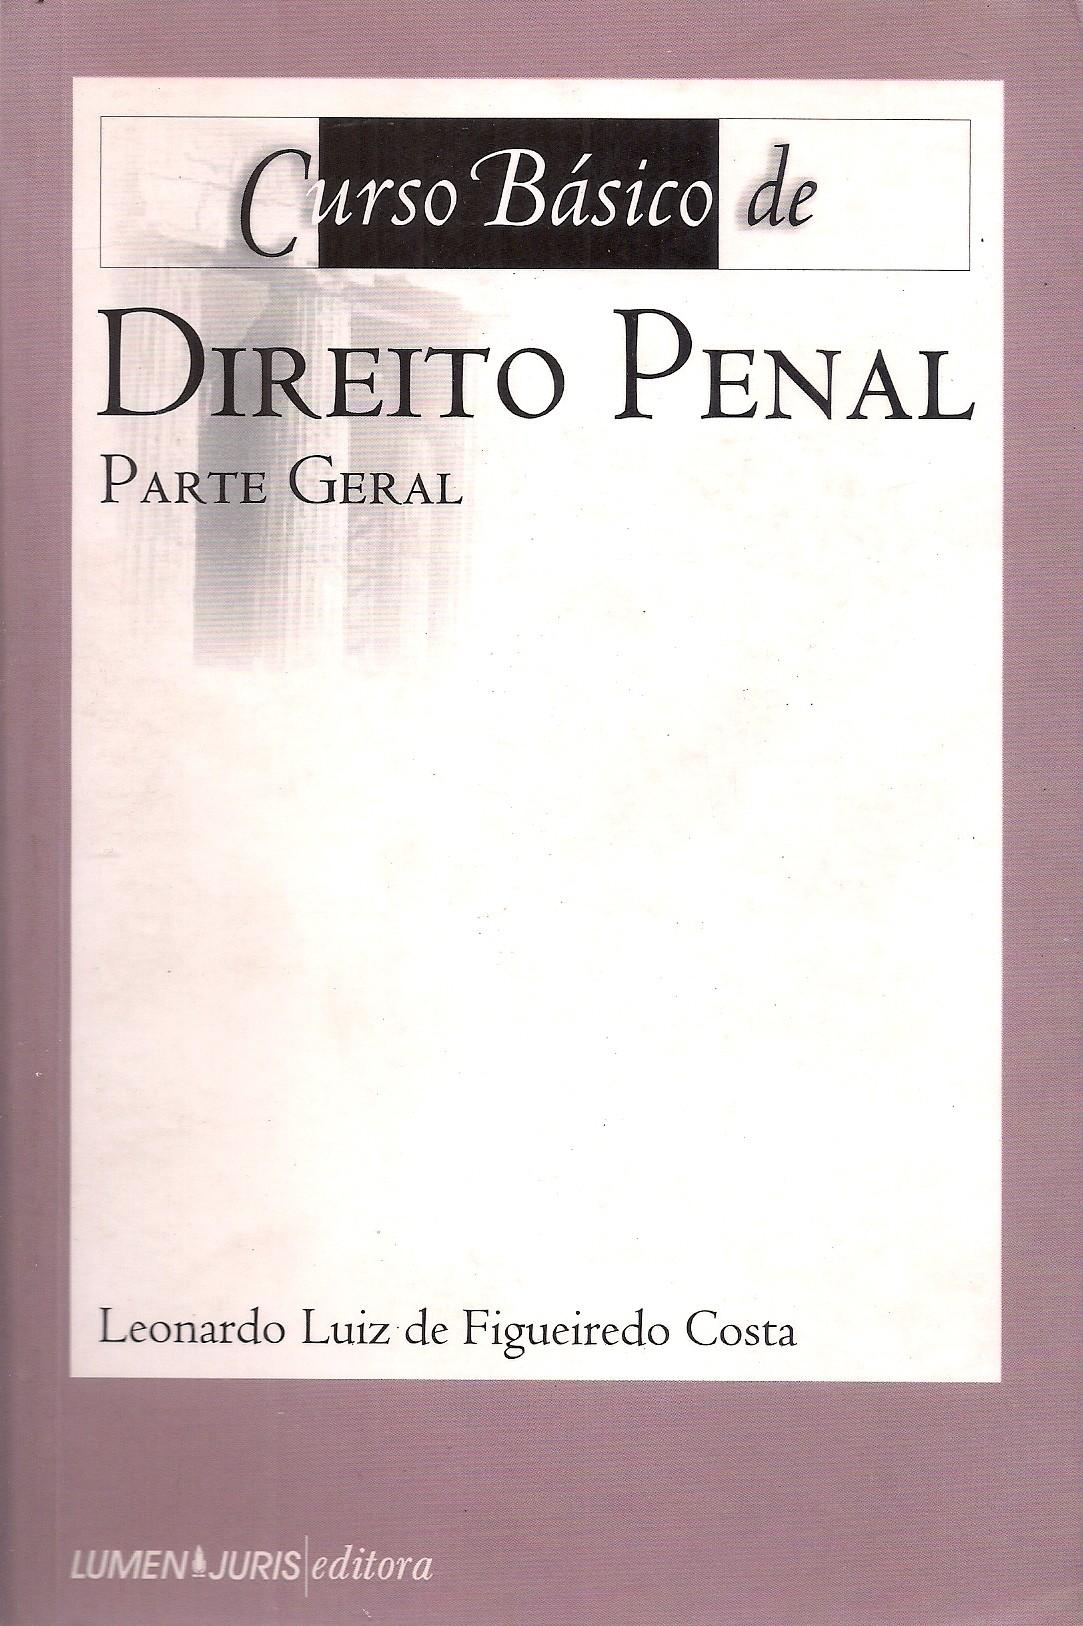 Foto 1 - Curso Básico de Direito Penal - Parte Geral